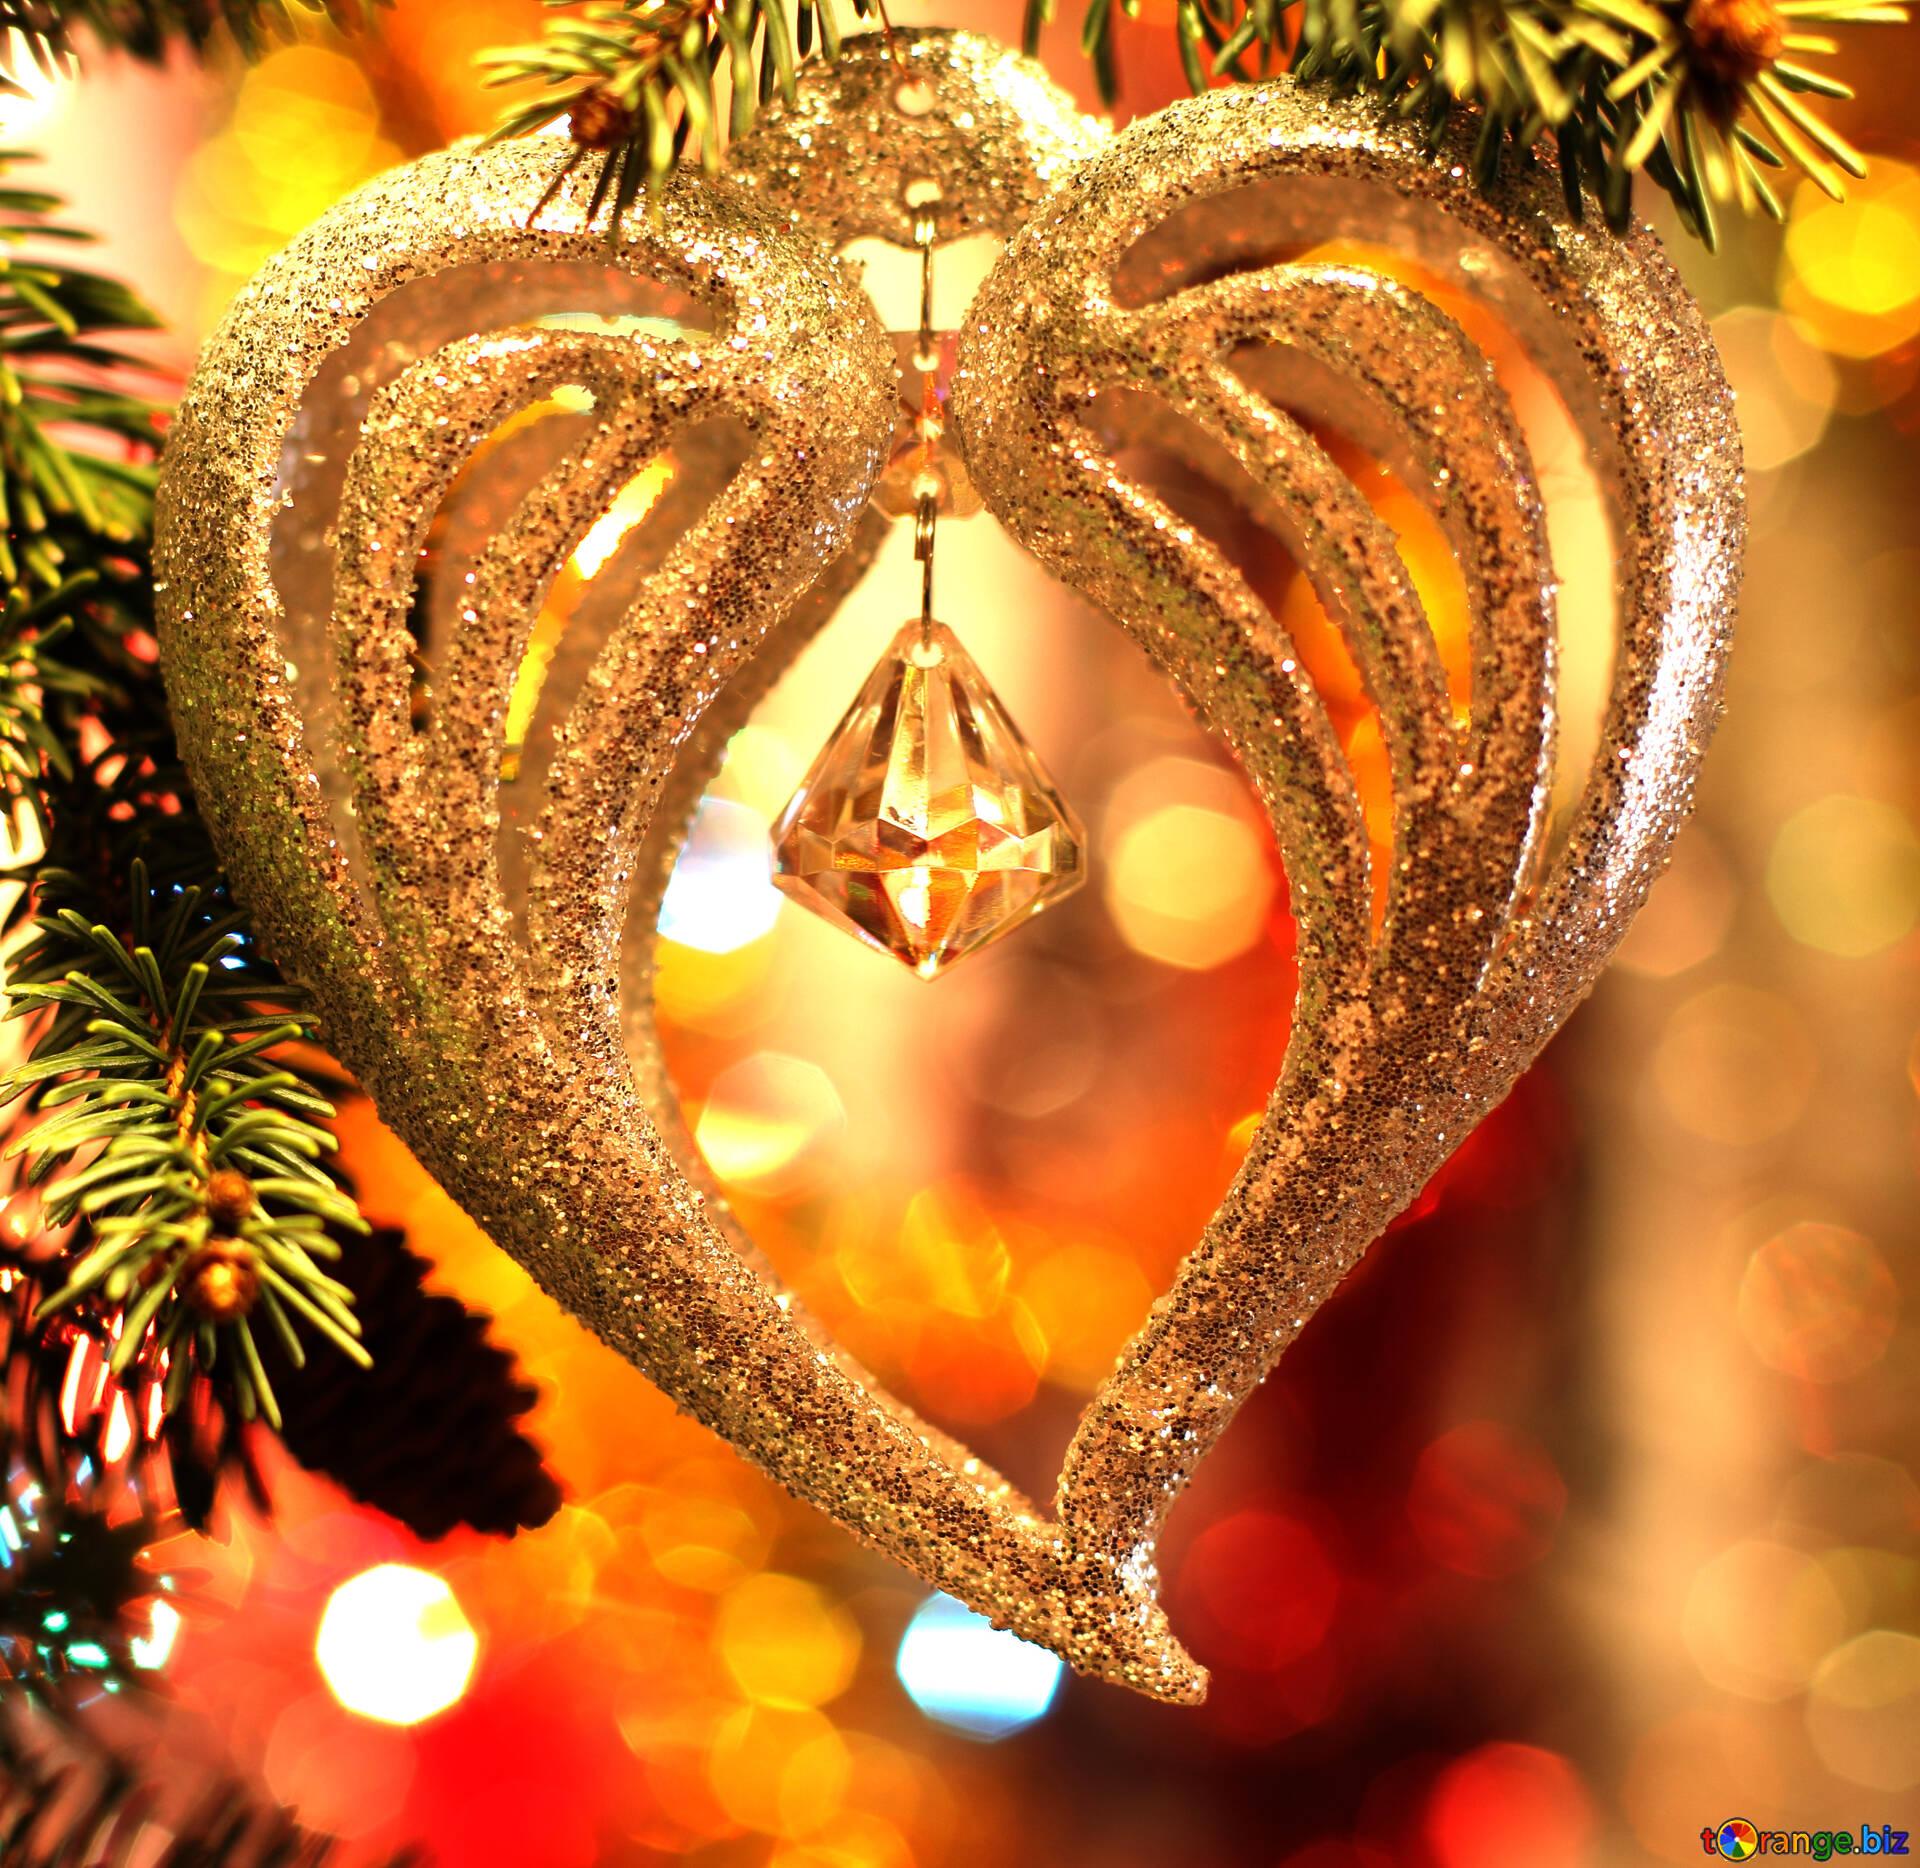 безнасадочные мормышки картинки сердечки на елке вставил